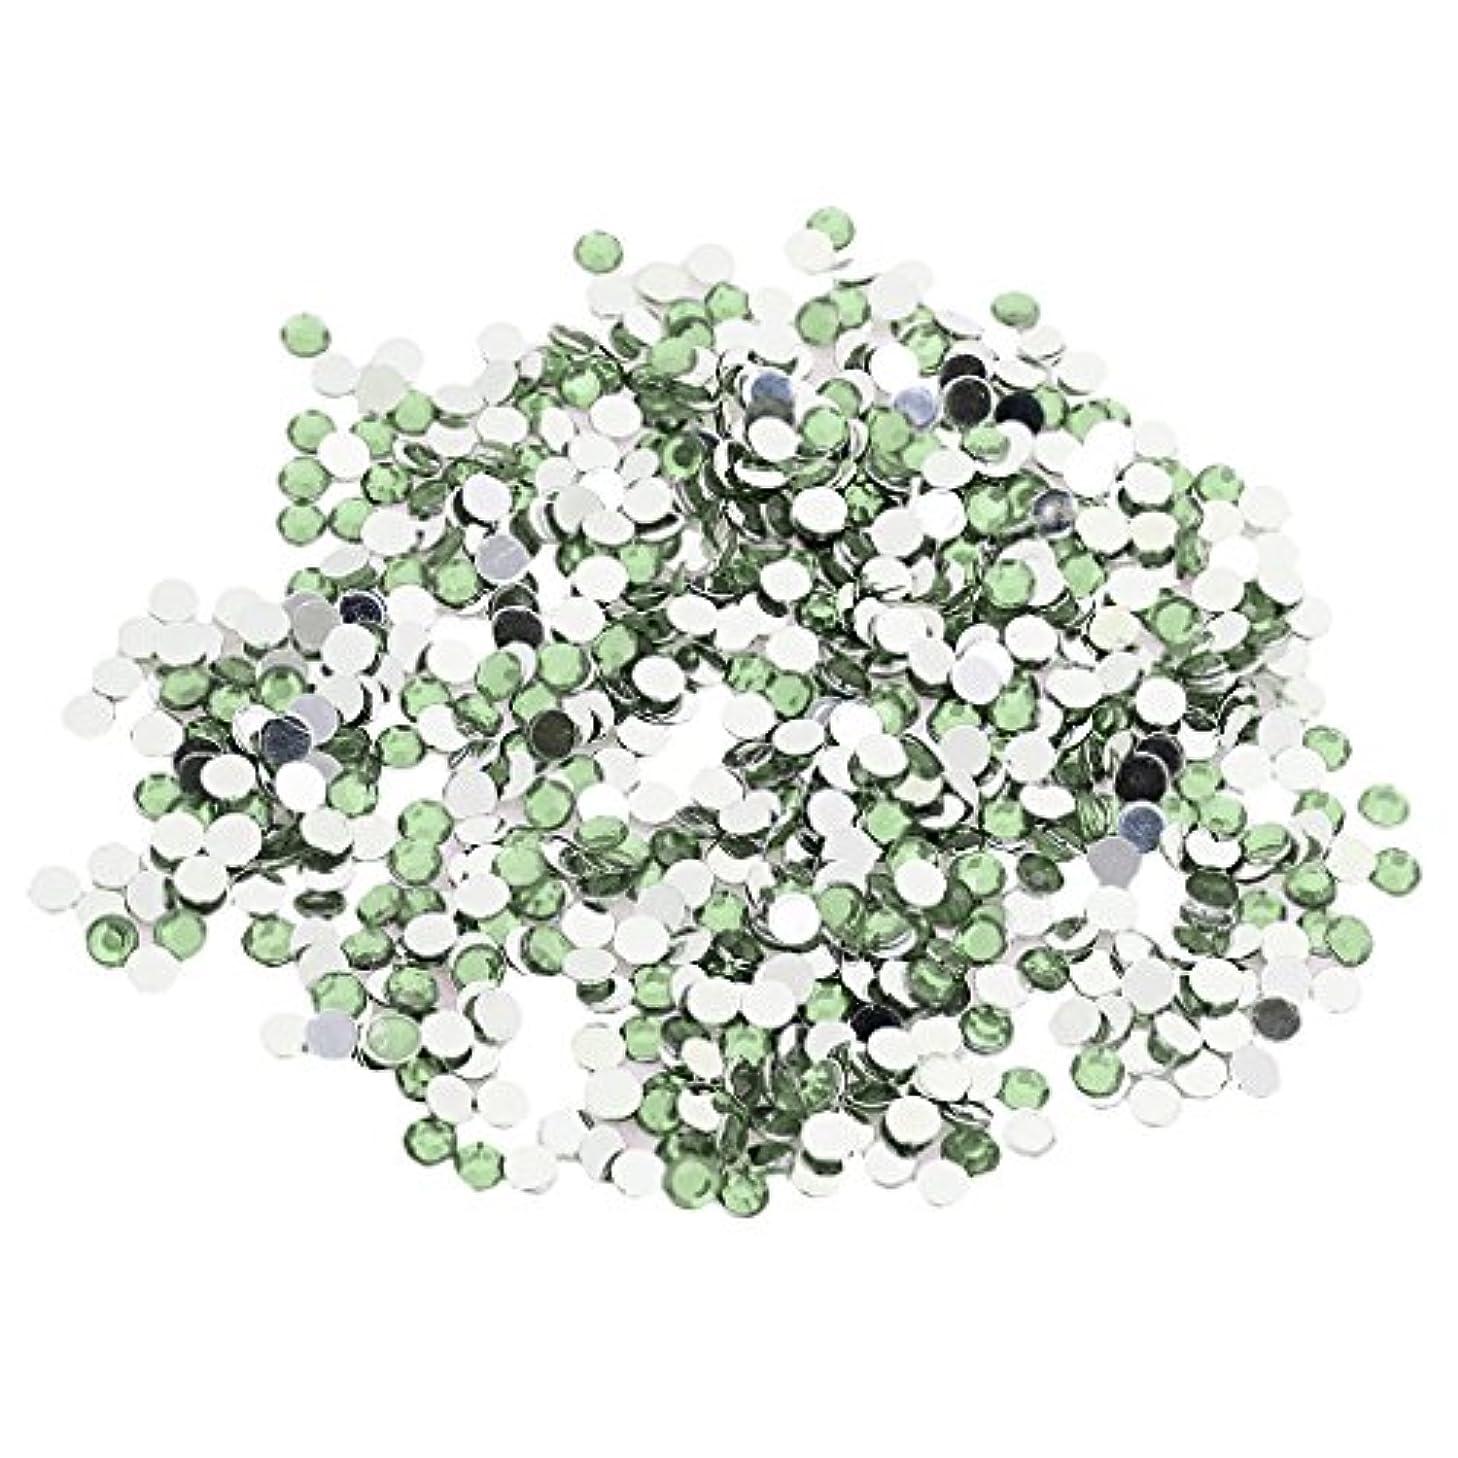 形容詞ガムからかう約2880個 .4mm ラインストーン 宝石 アクリル 結晶 ビーズ チャーム DIY 手芸用 ネイルクラフト 装飾 全5色選べる - 薄緑, 4ミリメートル